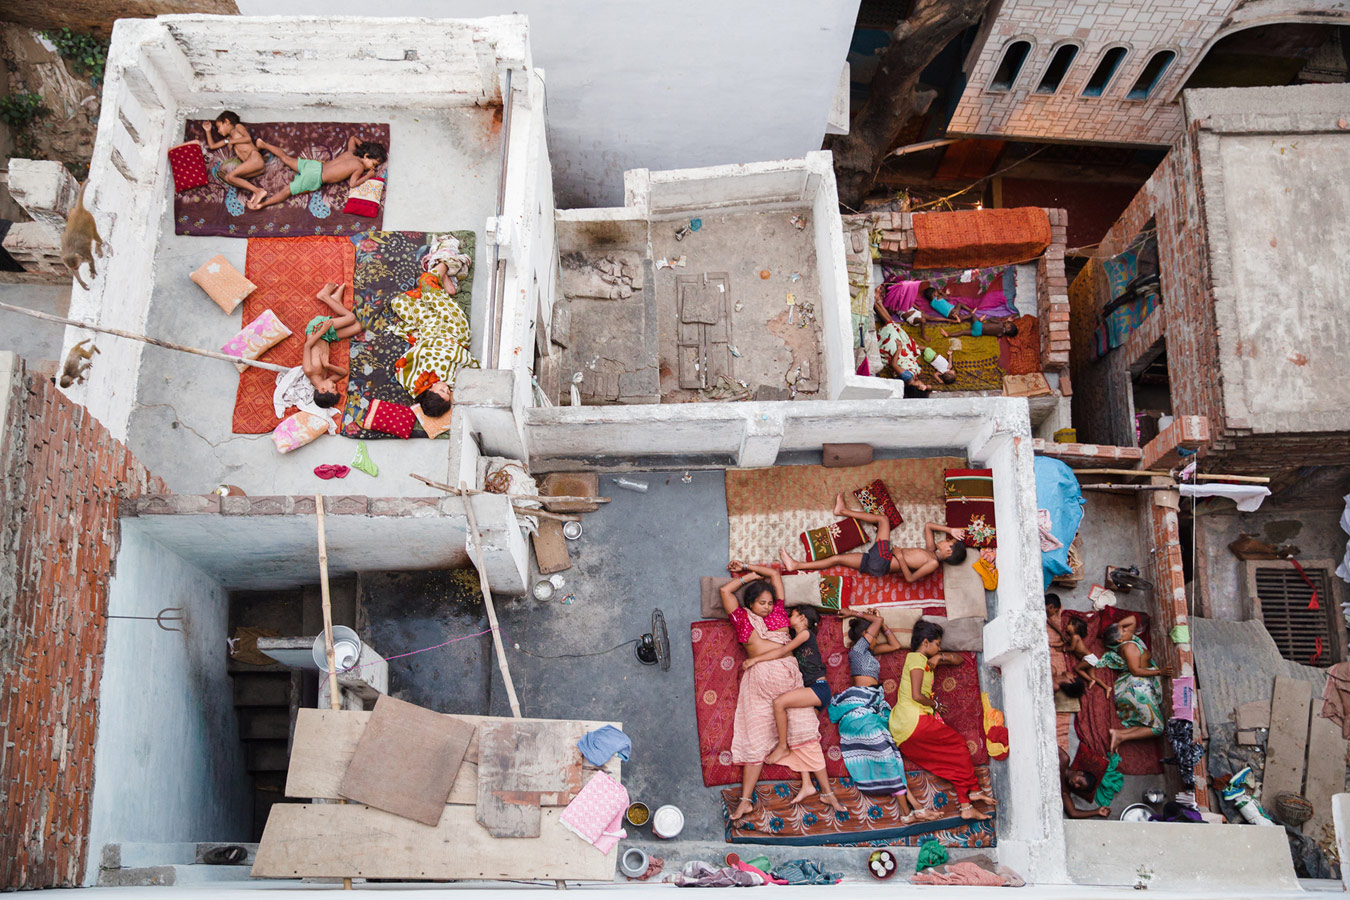 Сны на плоской крыше Варанаси, 2015 год, © Ясмин Мунд, Сидней, Австралия, Финалист категории «Пейзажи» : Профессионал, Конкурс фотографии «Перспективы» — Perspectives PhotoPlus Expo